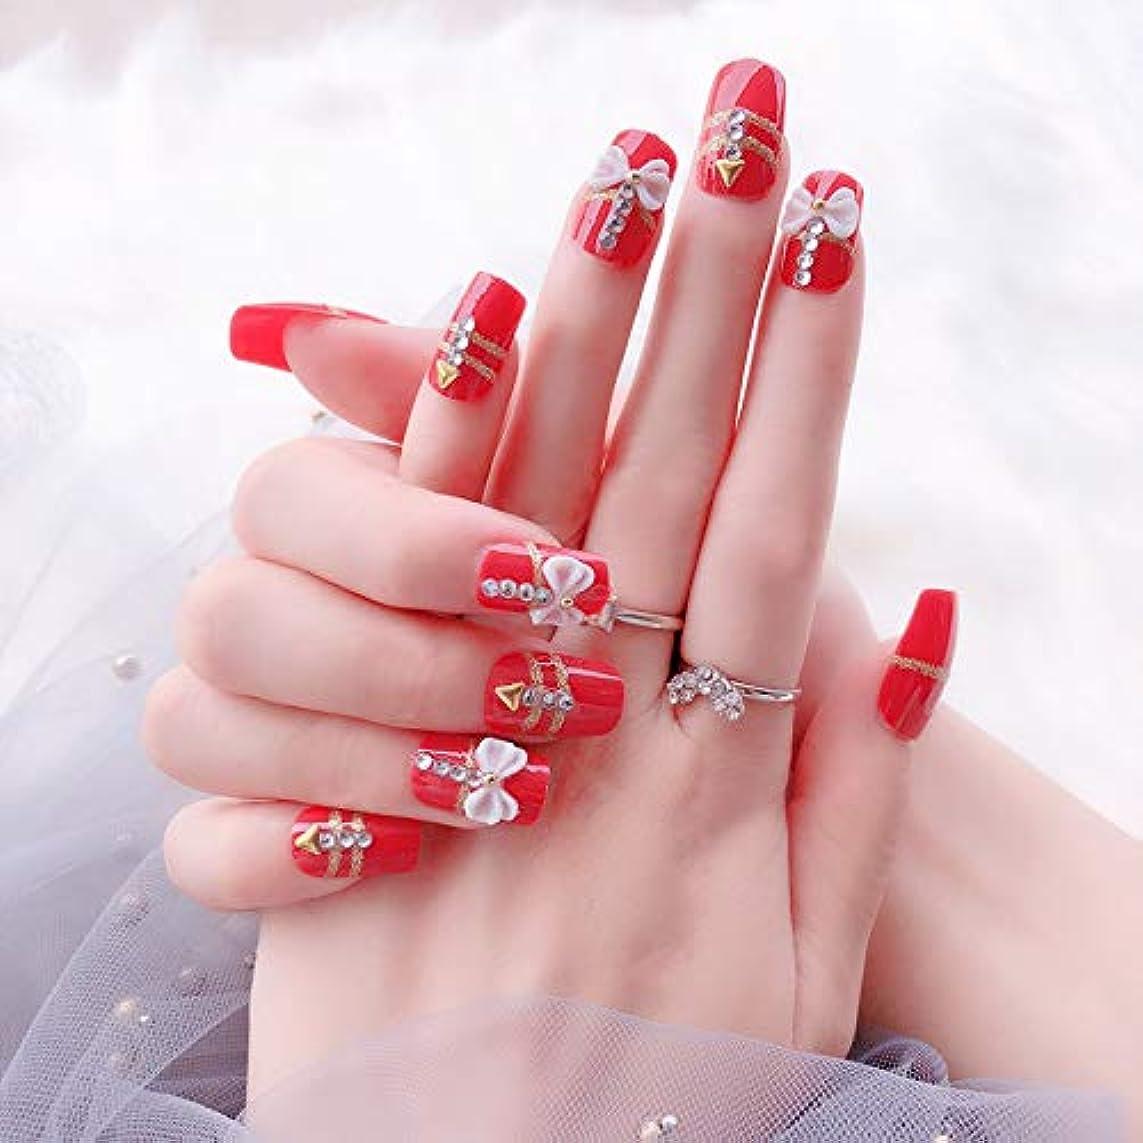 花嫁ネイル 手作りネイルチップ 和装 ネイル 24枚入 結婚式、パーティー、二次会など 可愛い優雅ネイル 蝶の飾り付け (レッド)